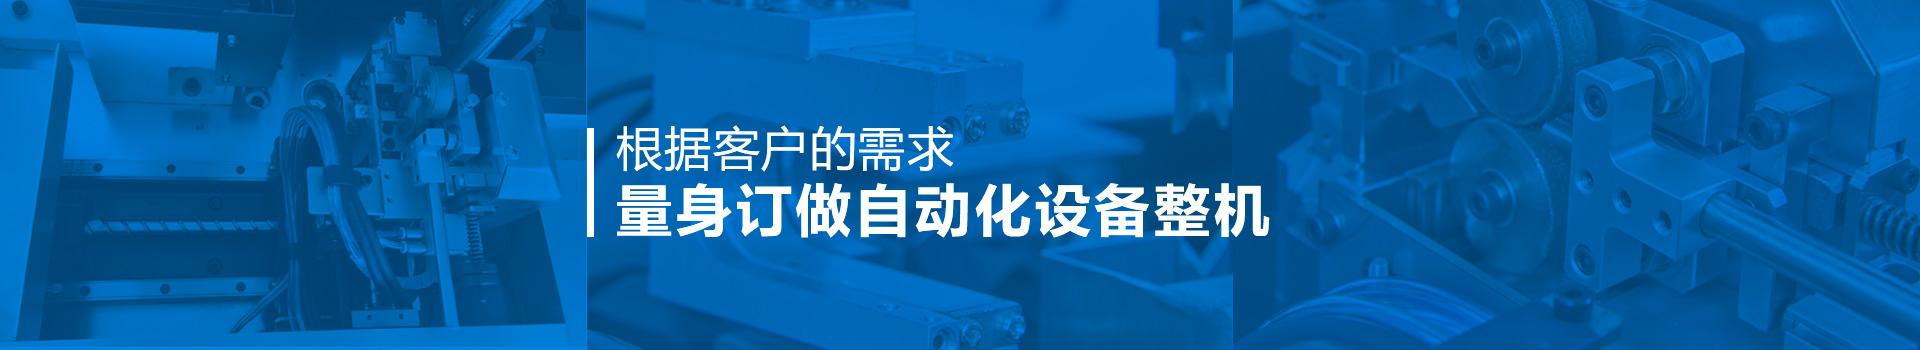 瑞舟-量身订做自动化设备整机